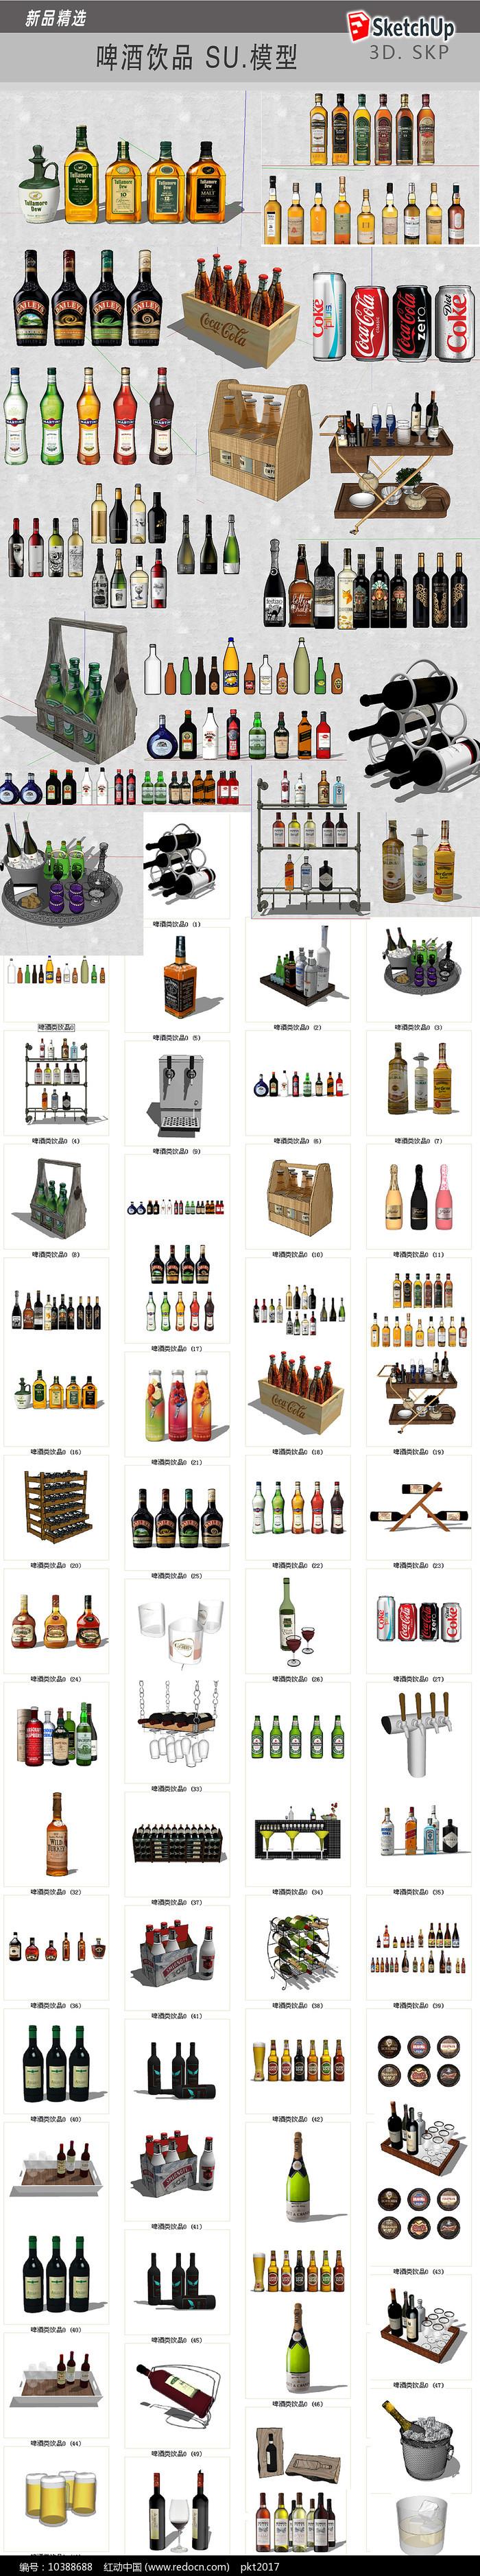 啤酒饮品 SU